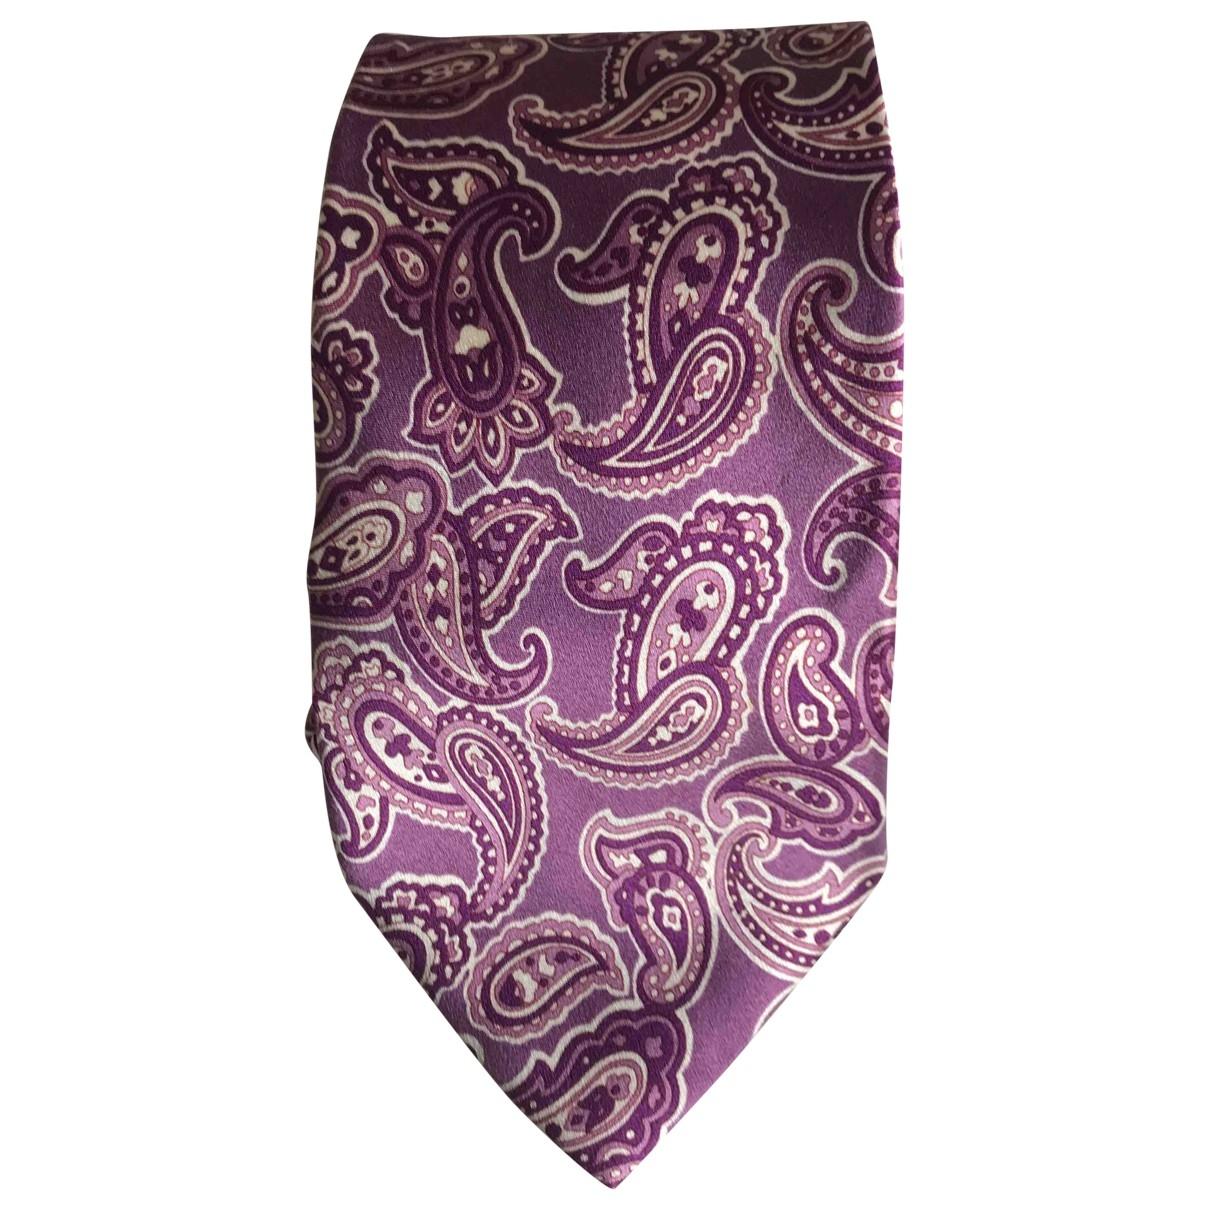 Etro - Cravates   pour homme en soie - violet